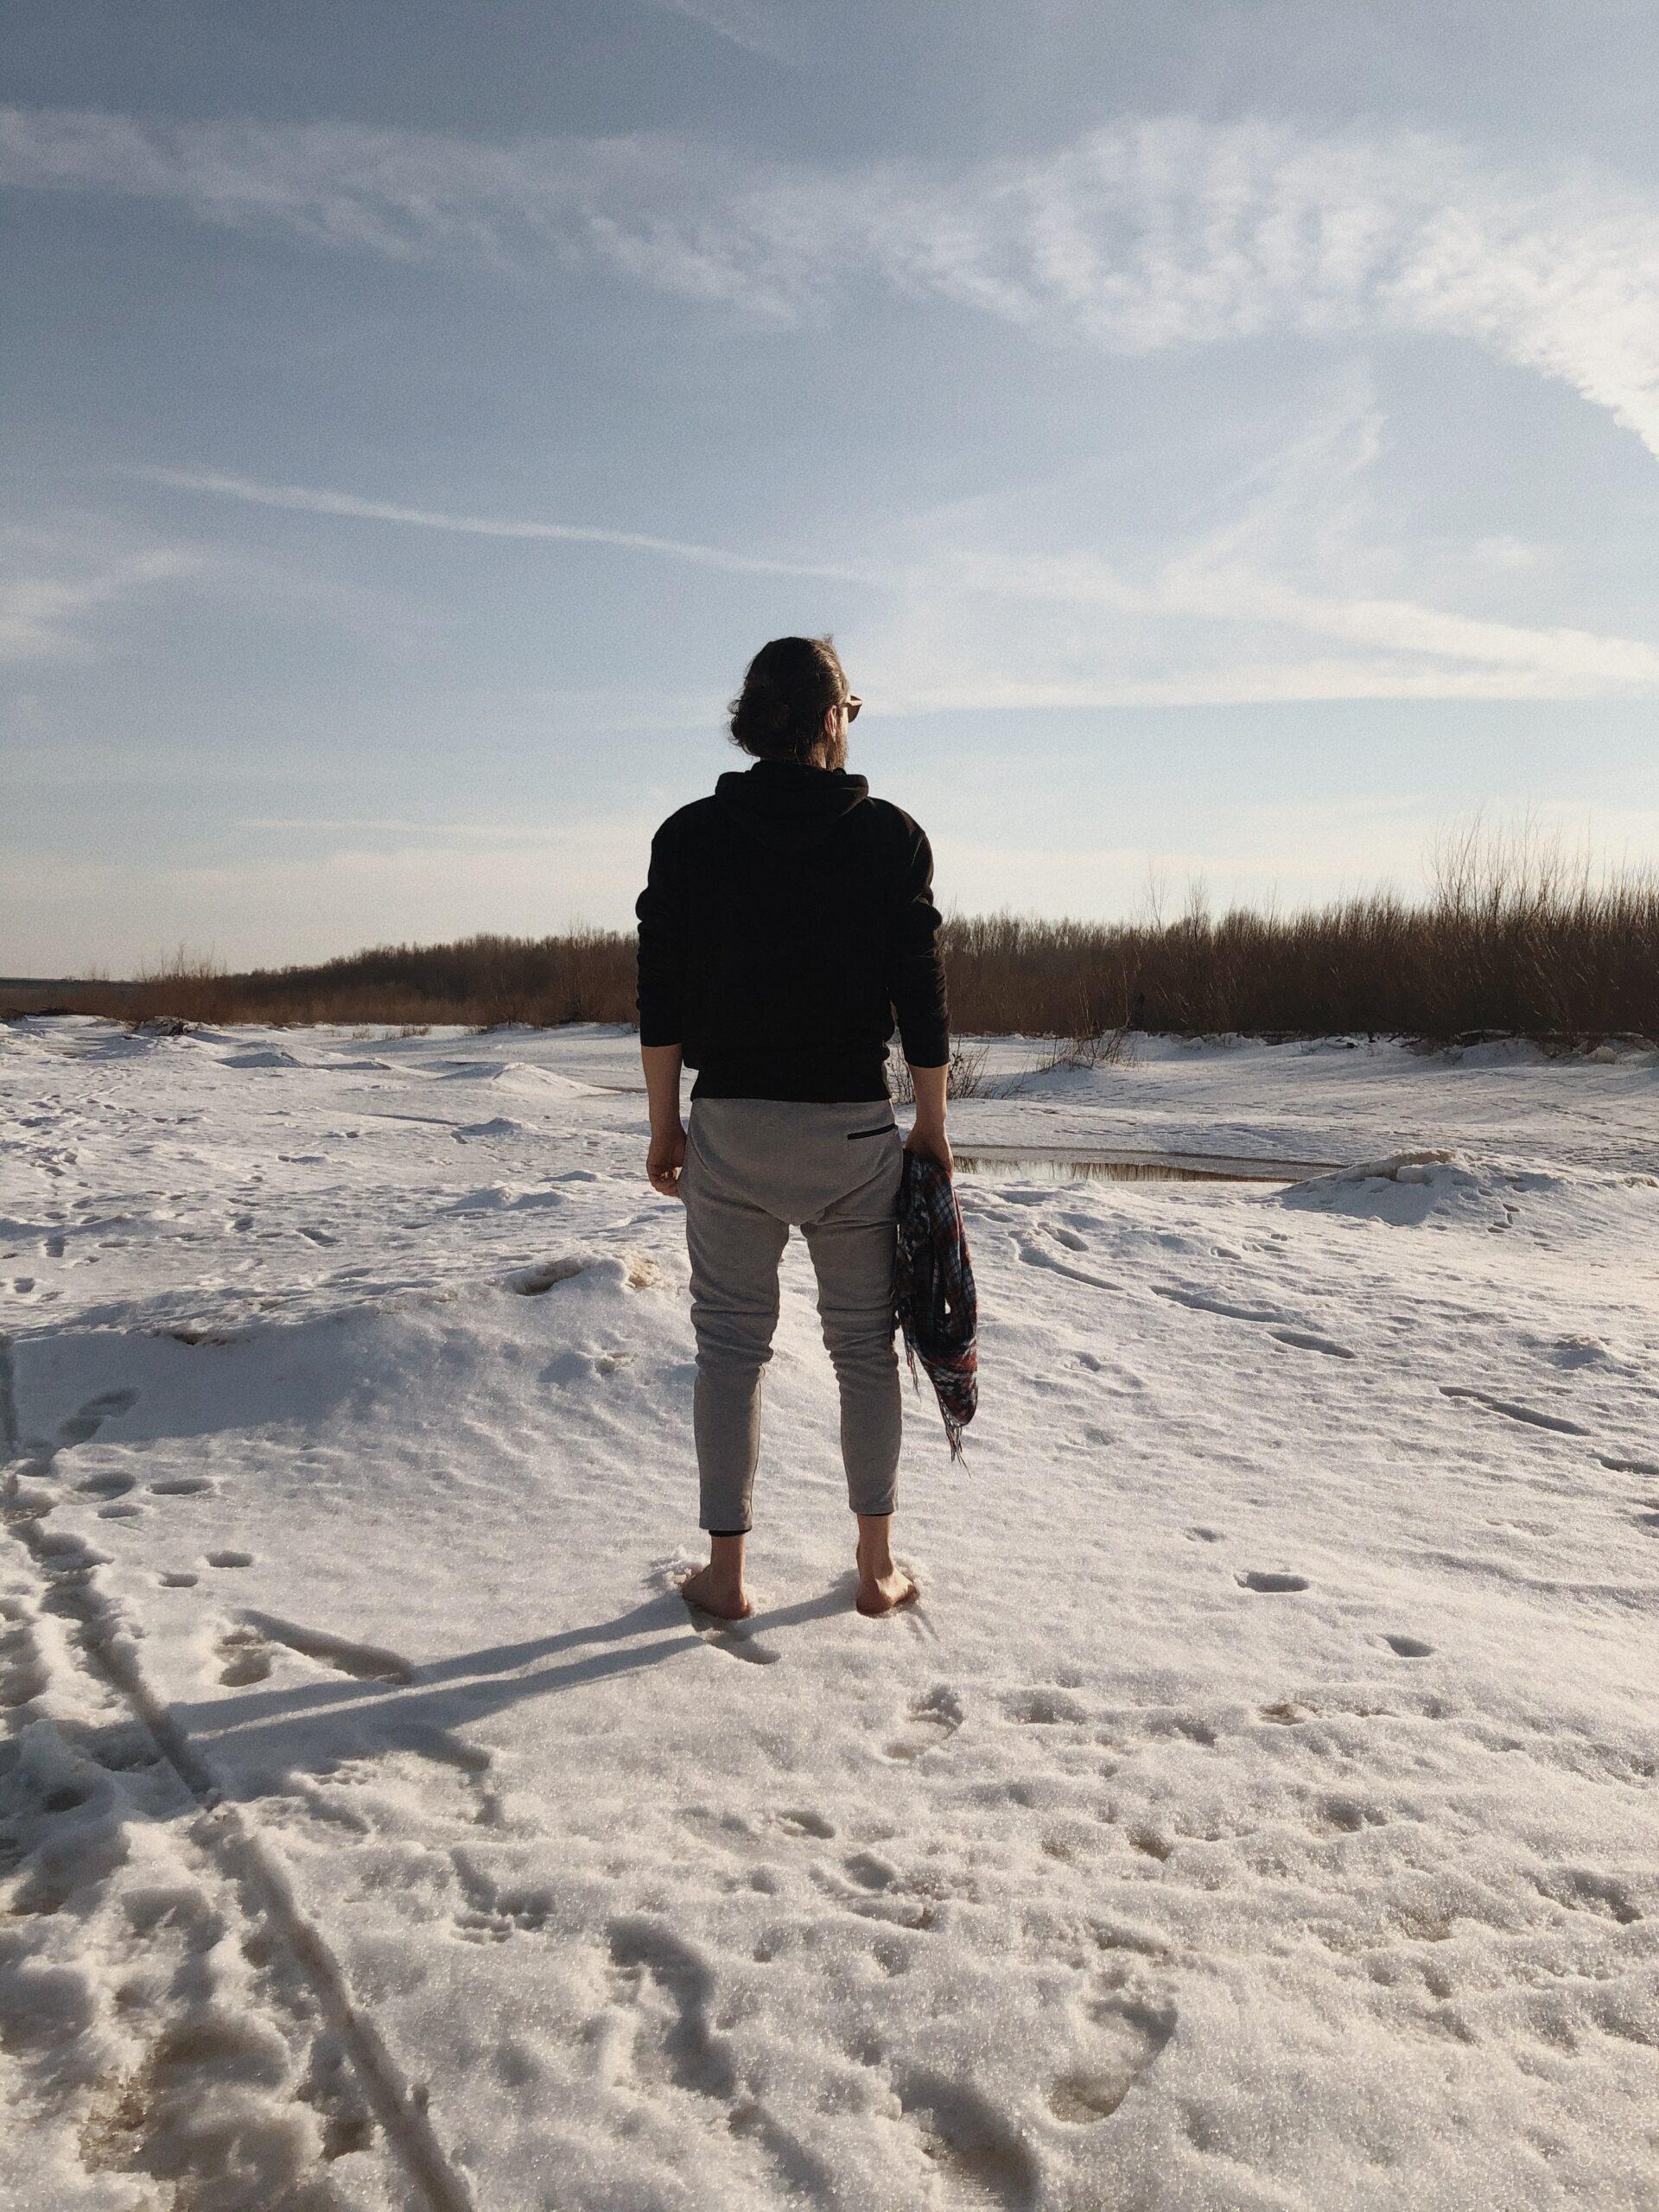 mężczyzna stojący boso na śniegu